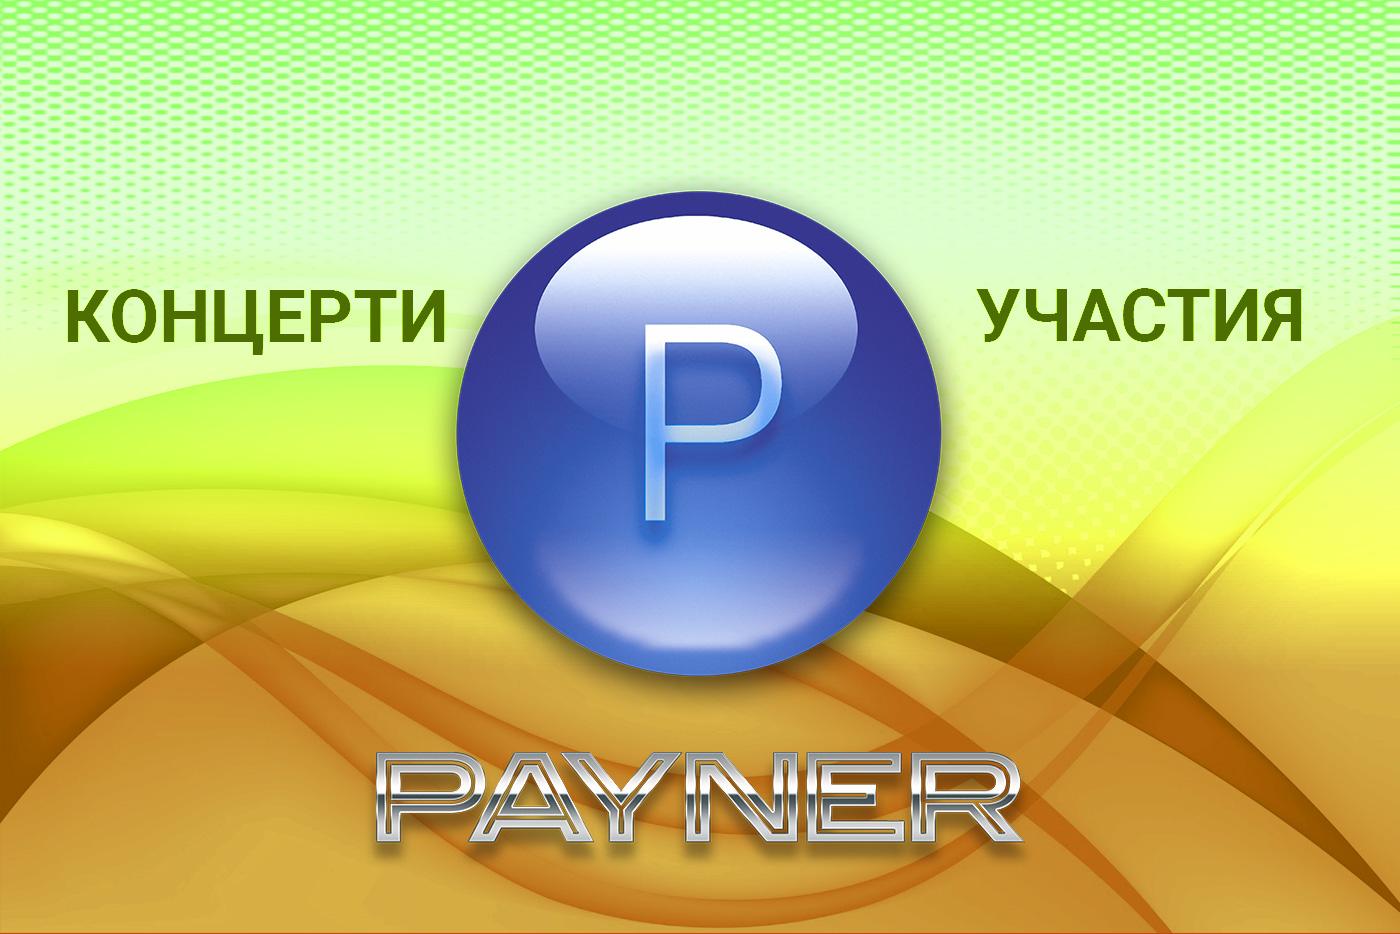 """Участия на звездите на """"Пайнер"""" на 19.08.2018"""